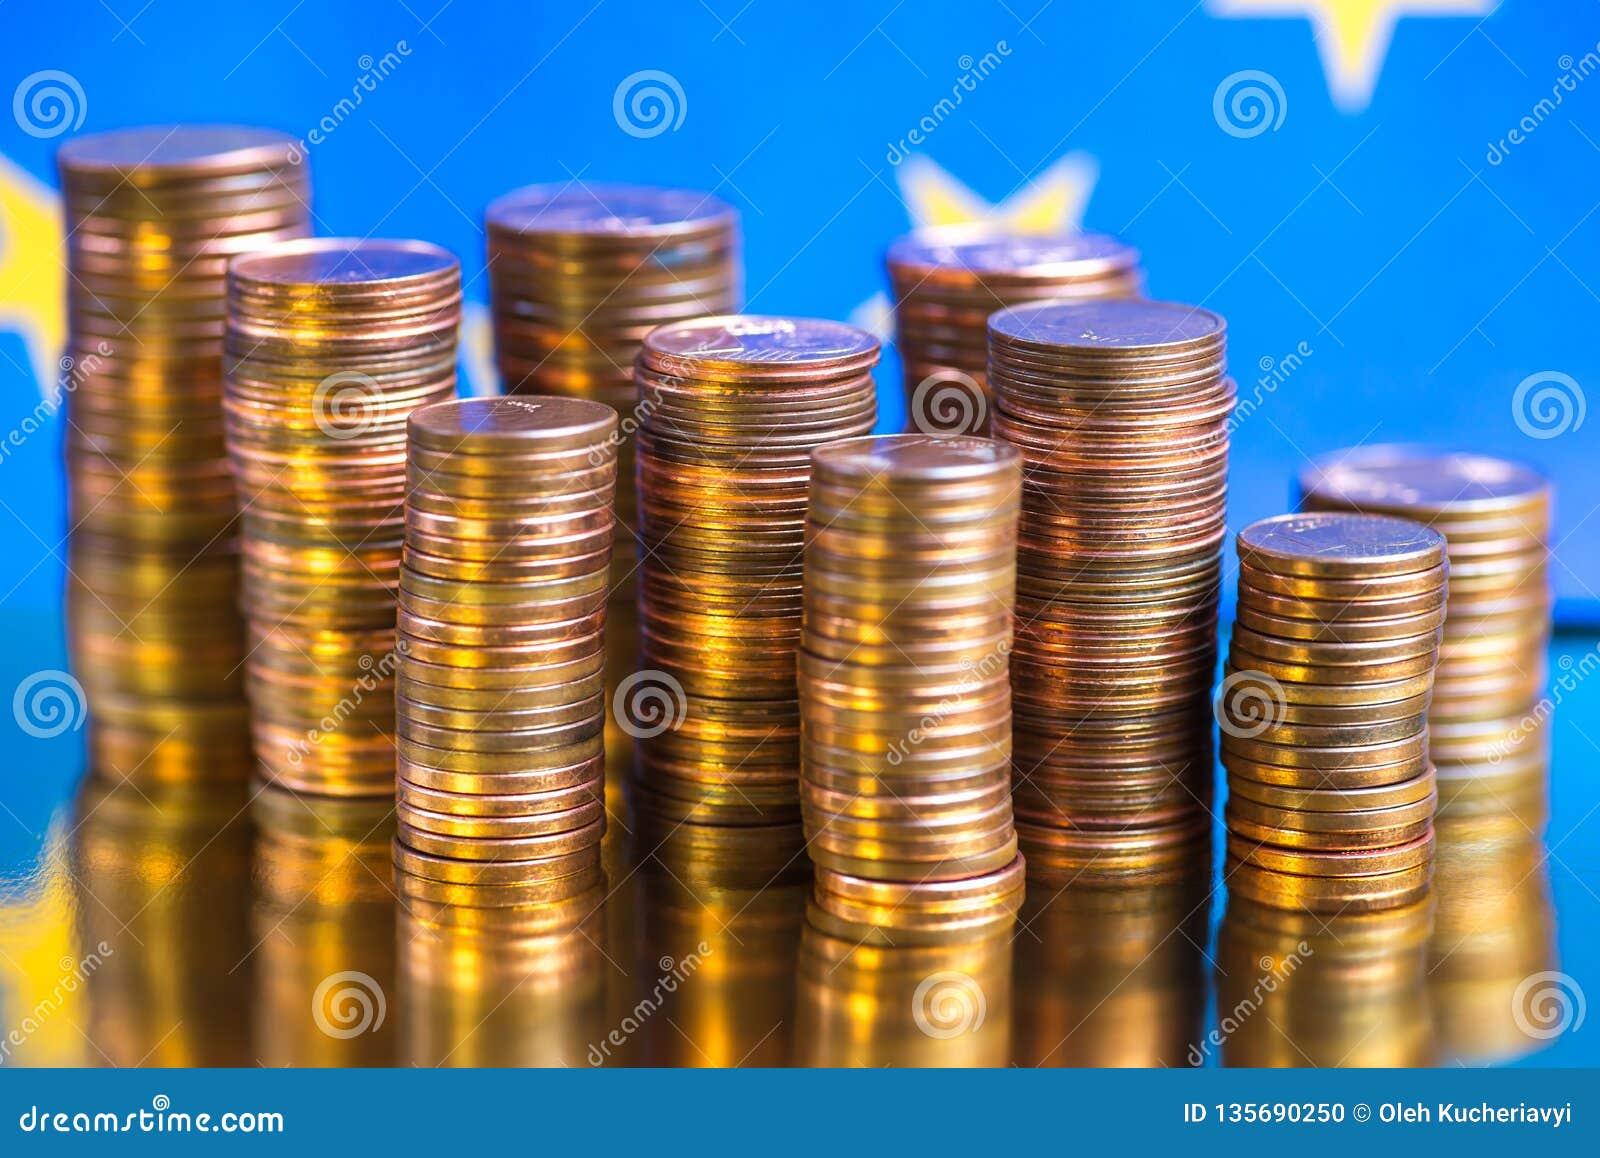 Stäng sig upp av euromynt på blå bakgrund